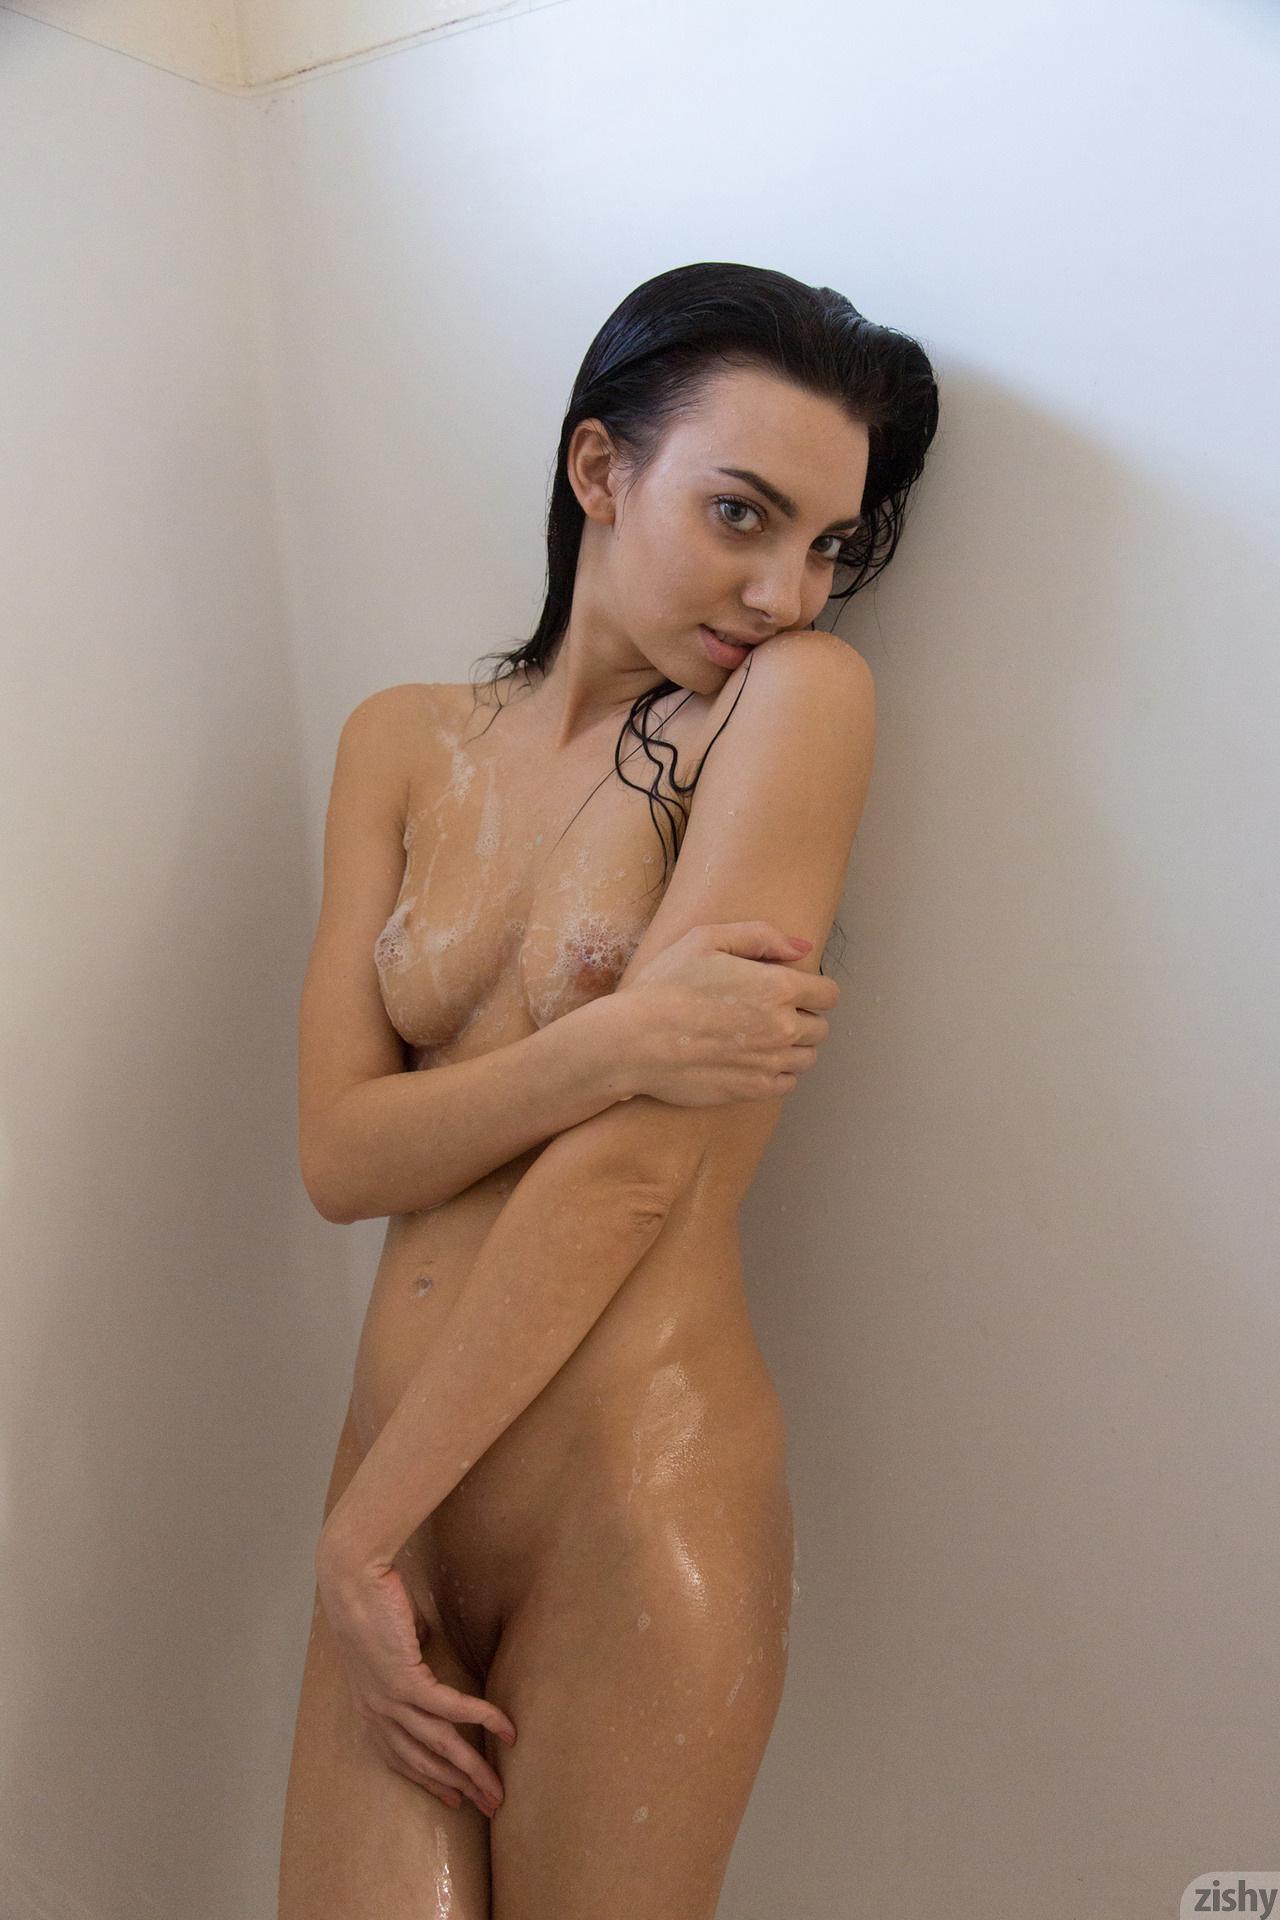 Και ΌΜως! Η Araya Acosta, Είναι Ντροπαλό! 26